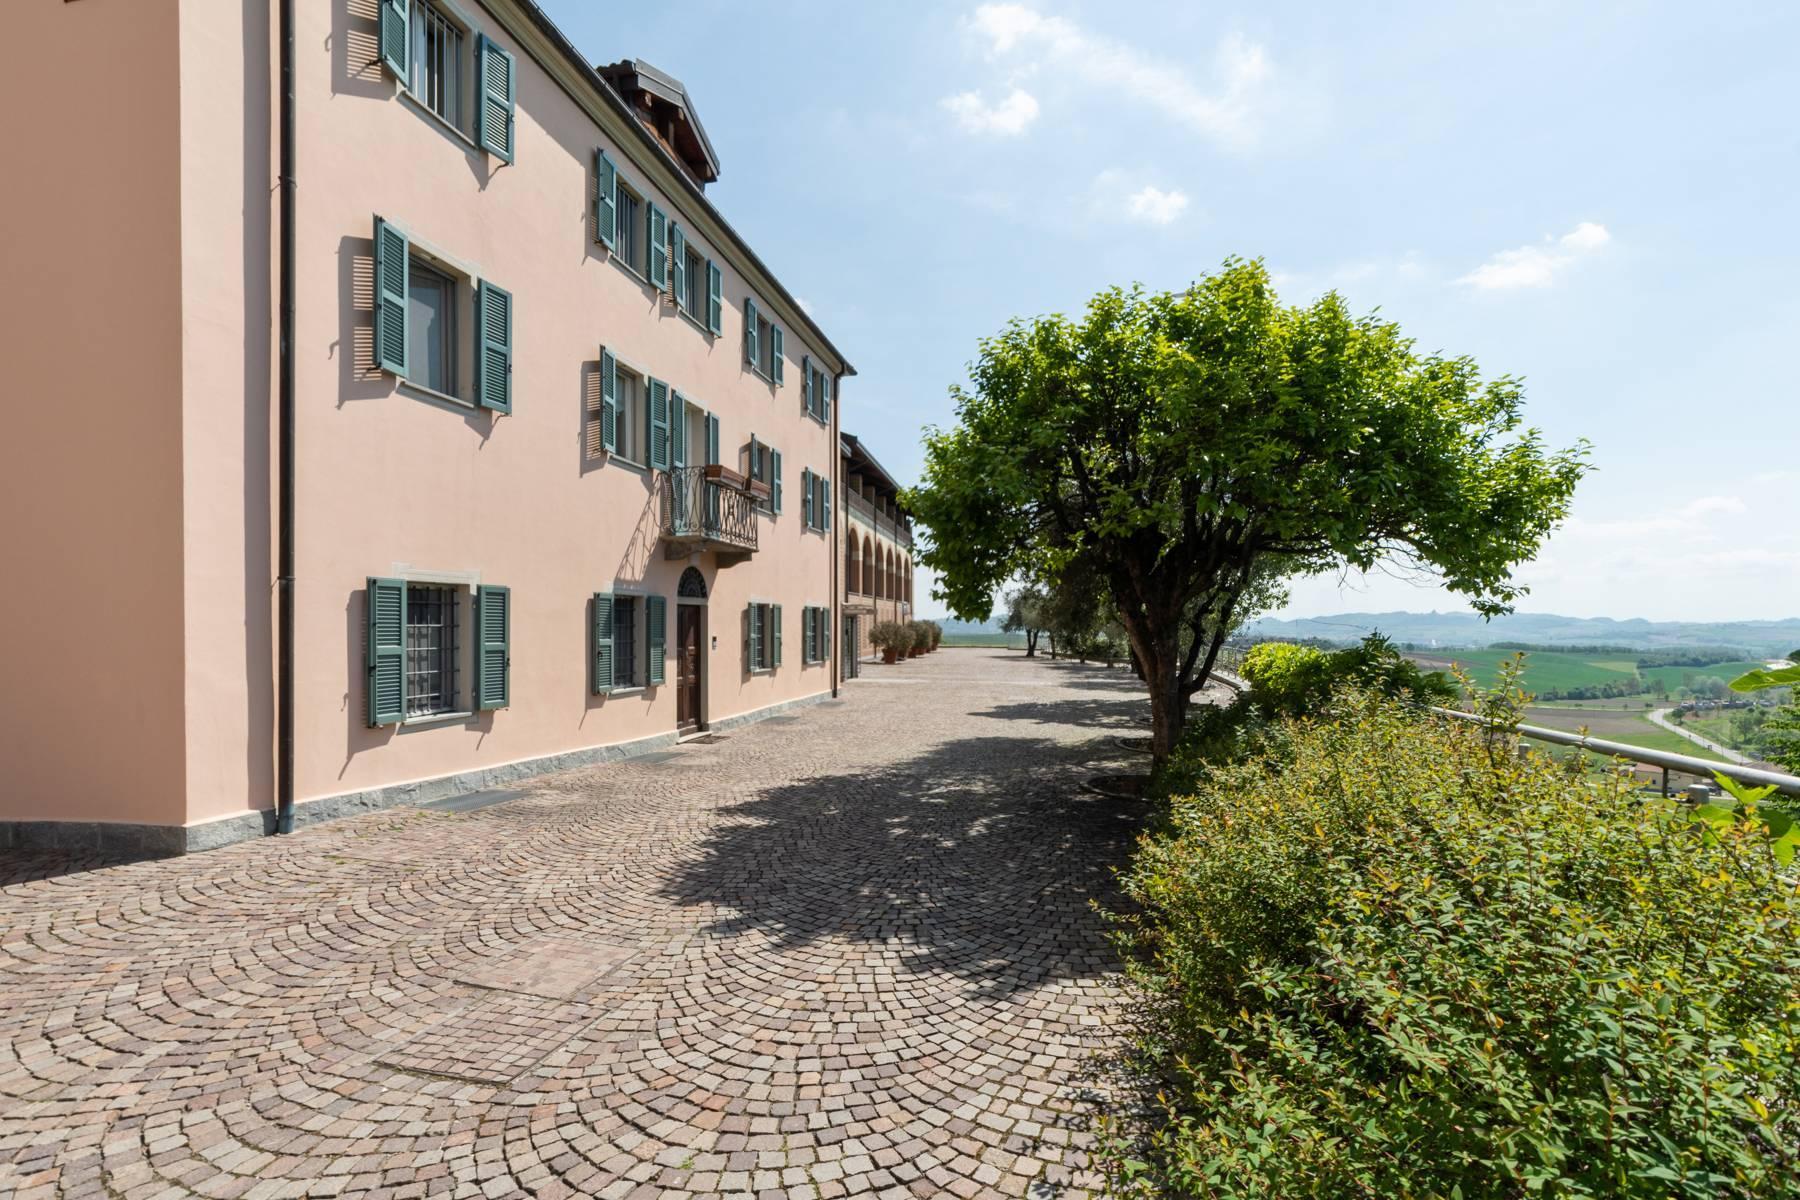 Prestigious real estate complex on the Monferrato hills - 5